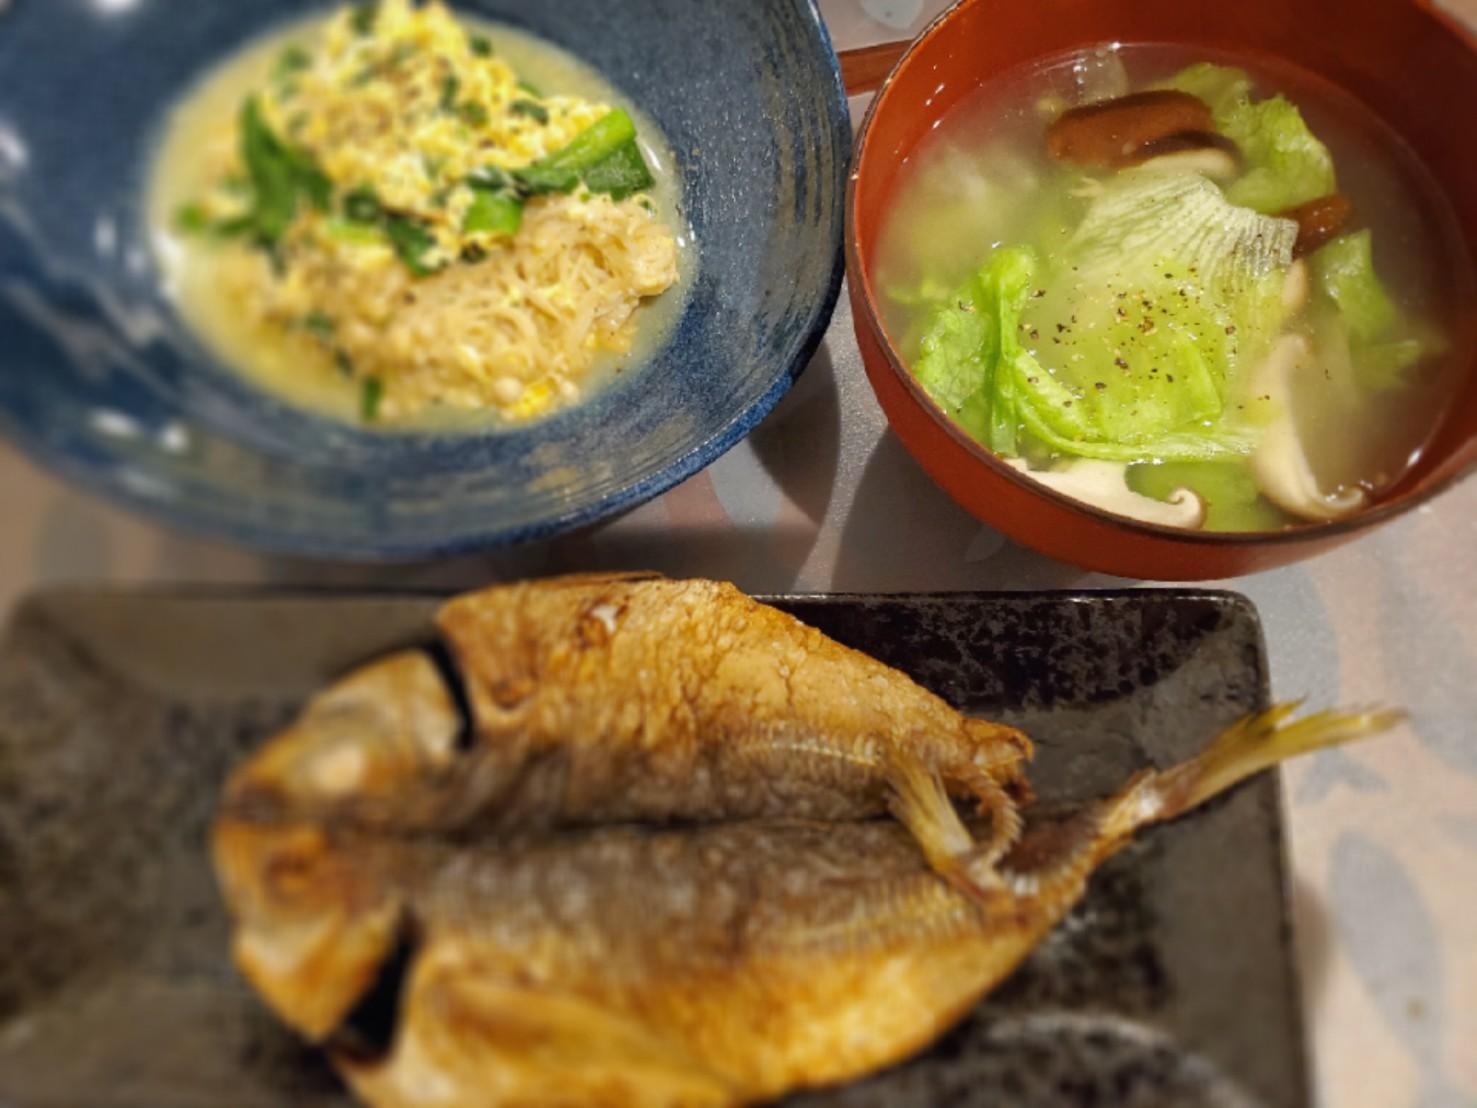 レタスと生姜のとろみスープ